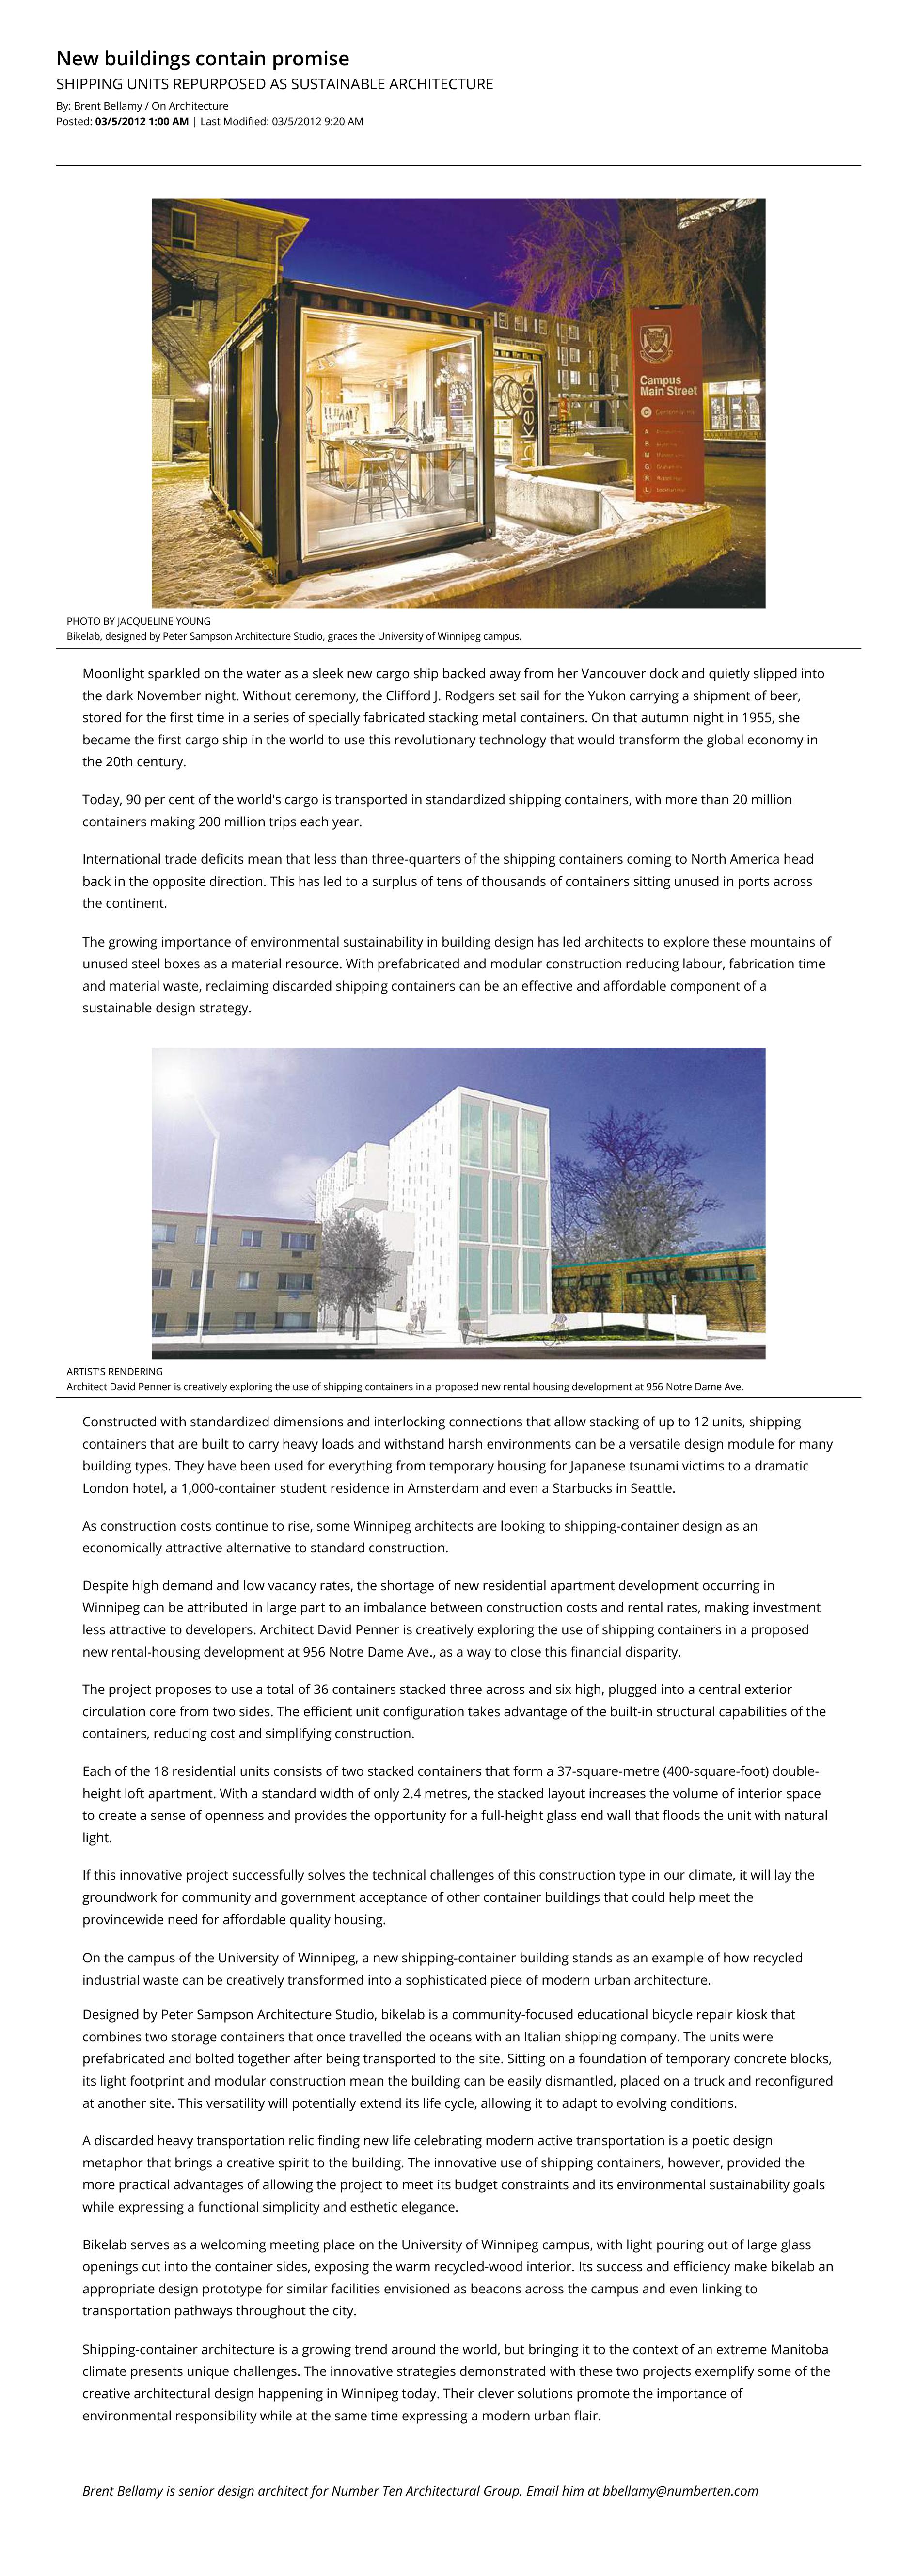 Making an urban impression - Winnipeg Free Press-2.jpg